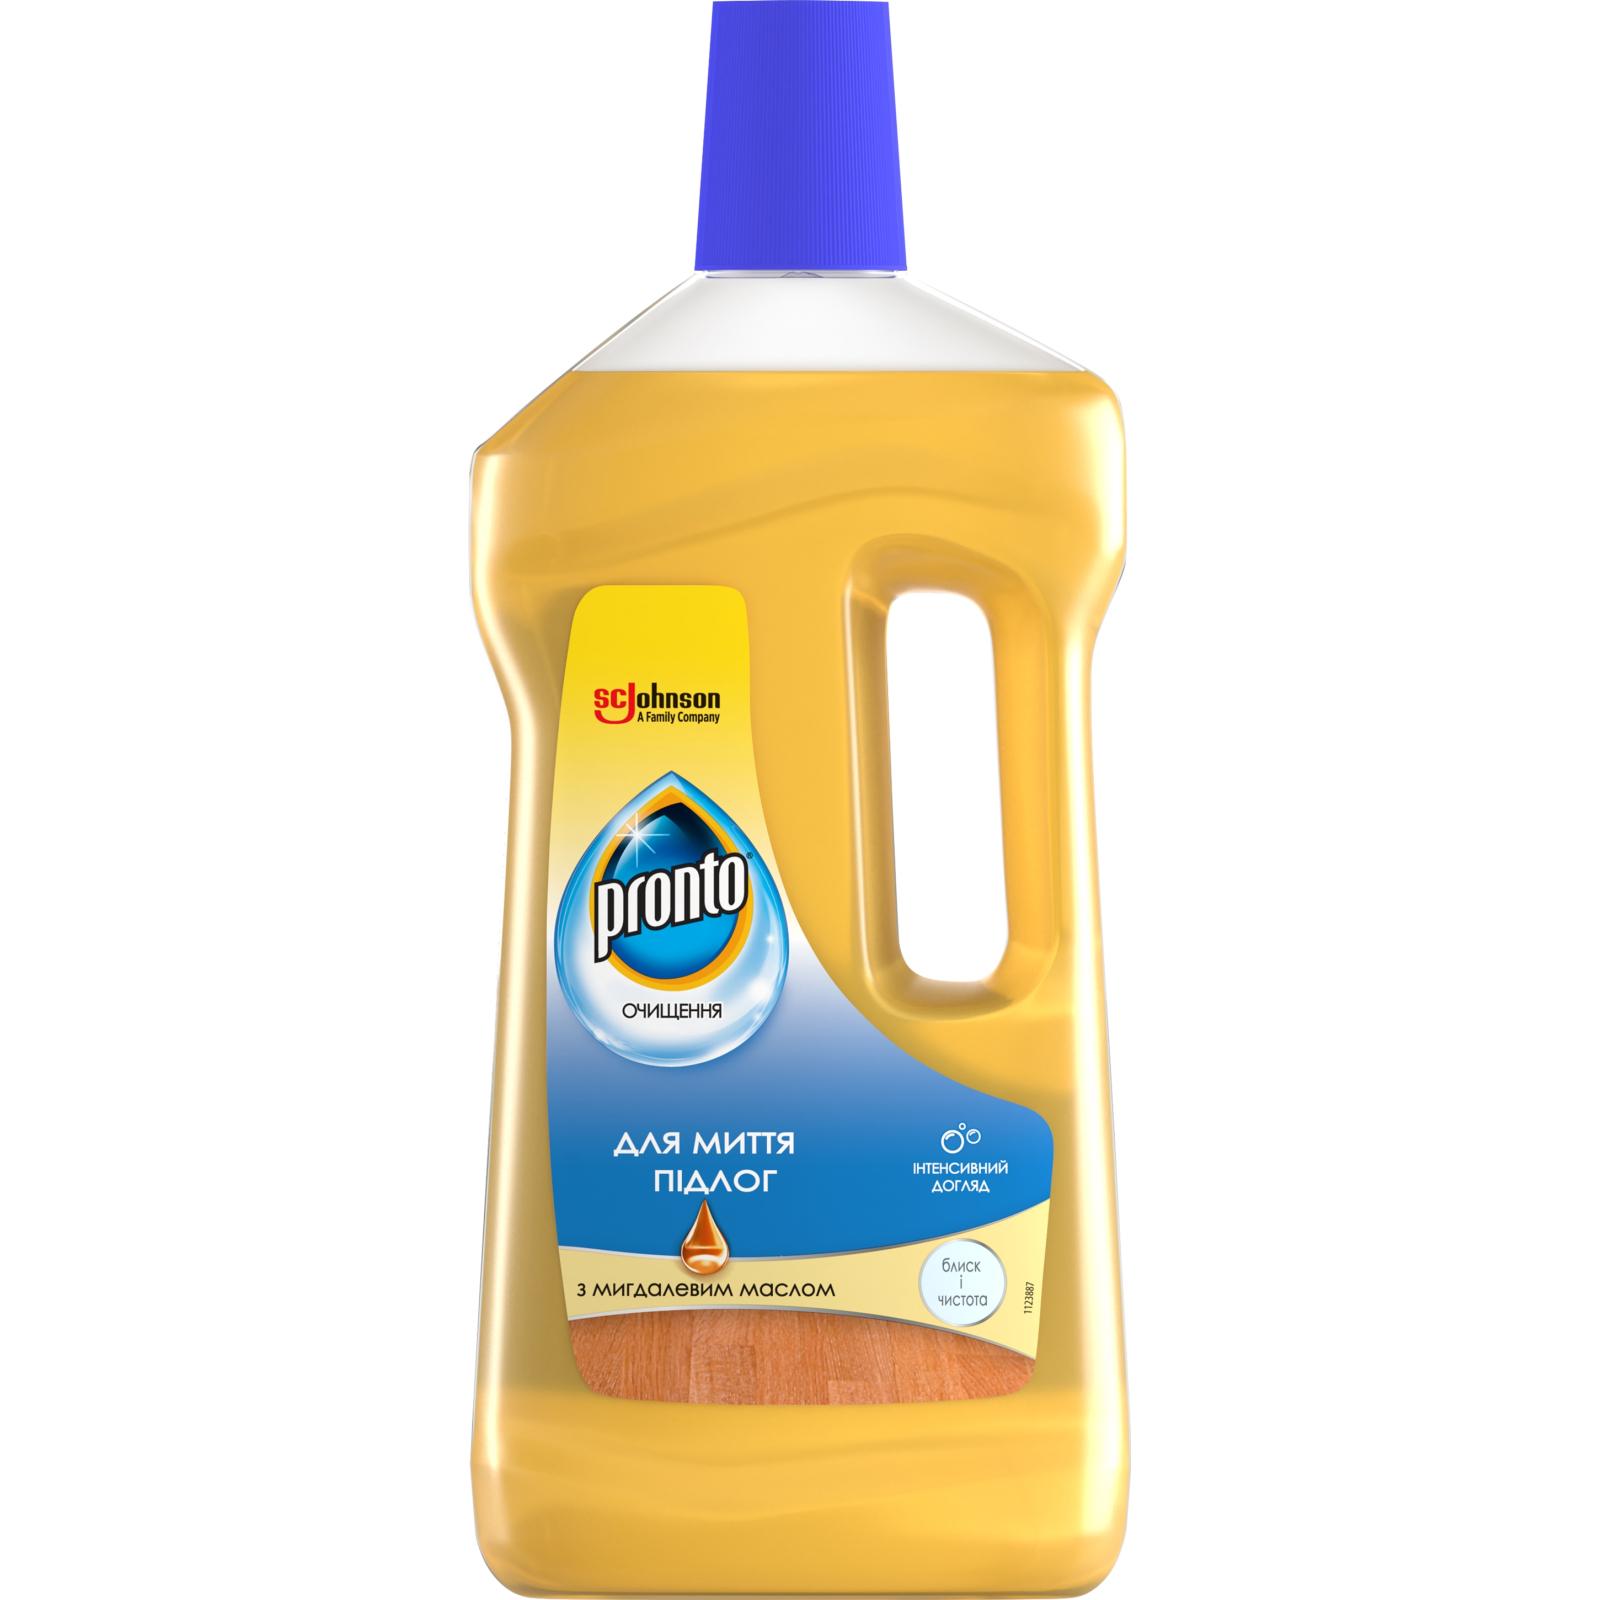 Моющая жидкость для уборки Pronto с миндальным маслом 750 мл (4823002005295)